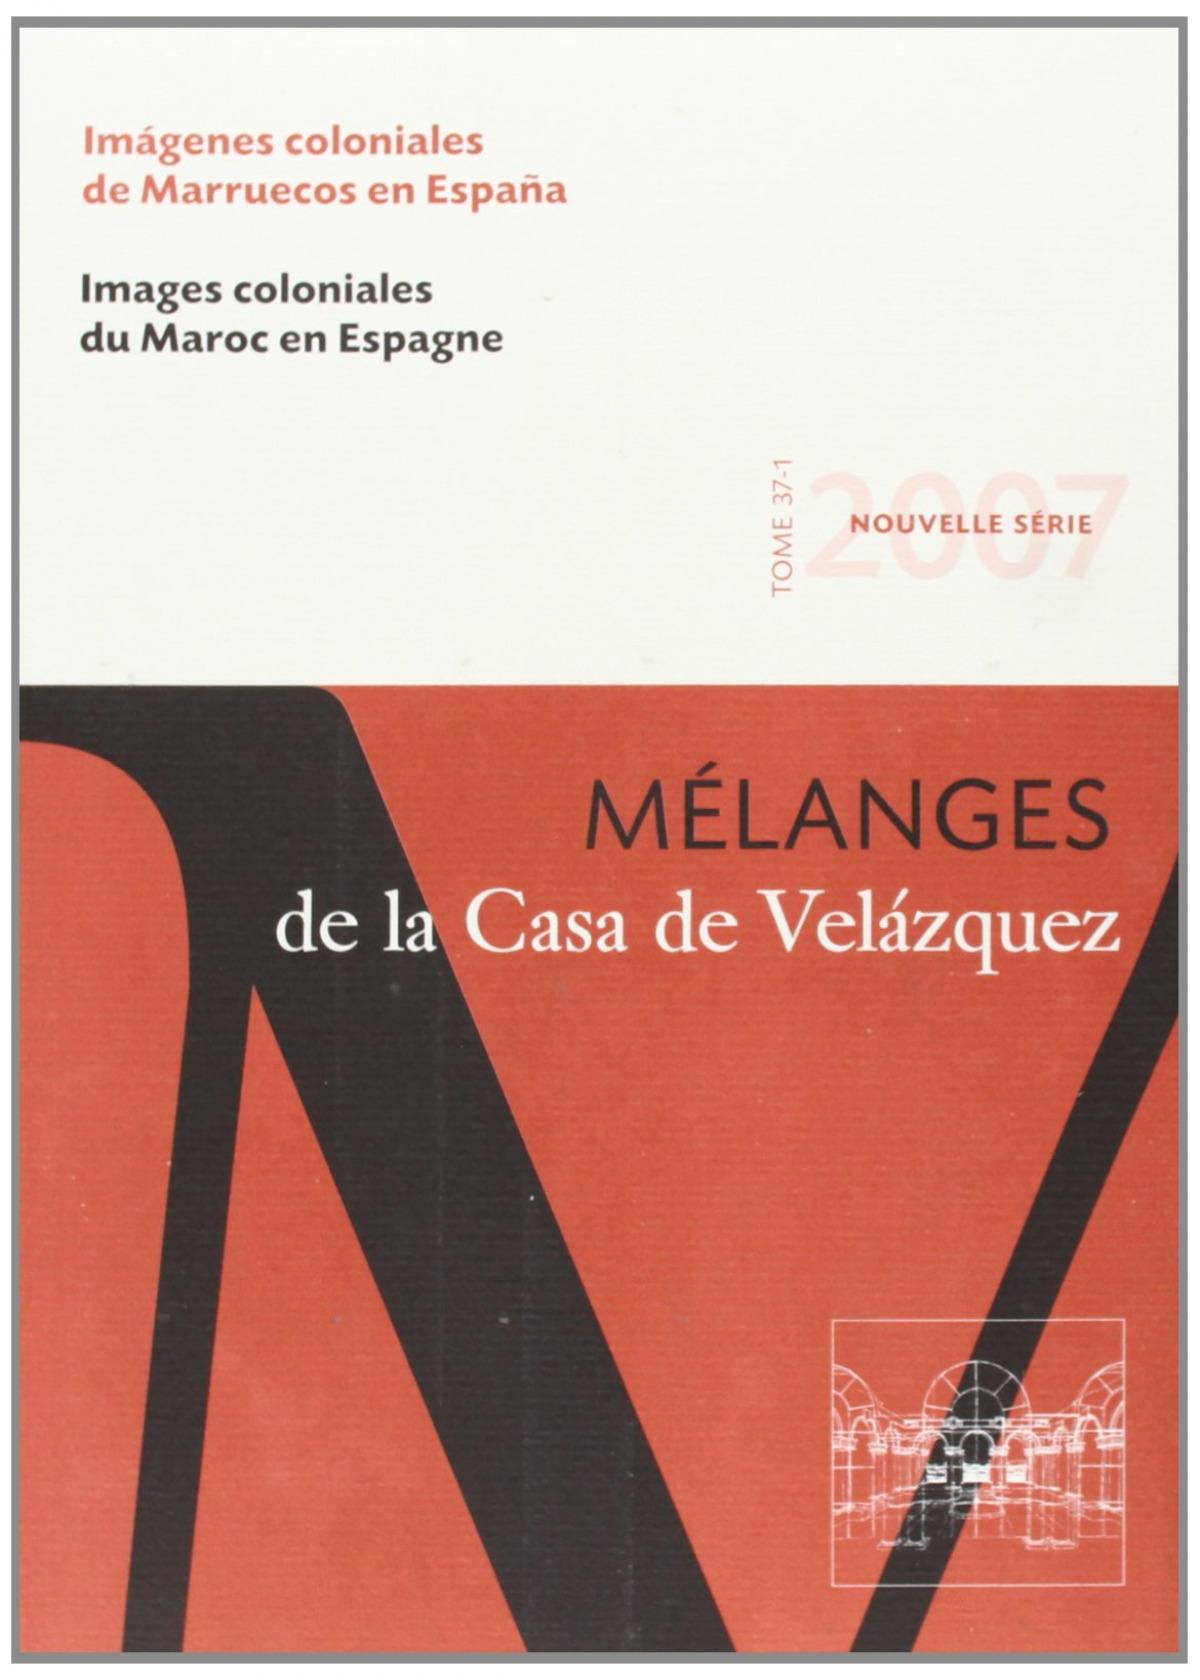 Imágenes coloniales de Marruecos en España - Felipe, Helena de/ Arias Anglés, Enrique